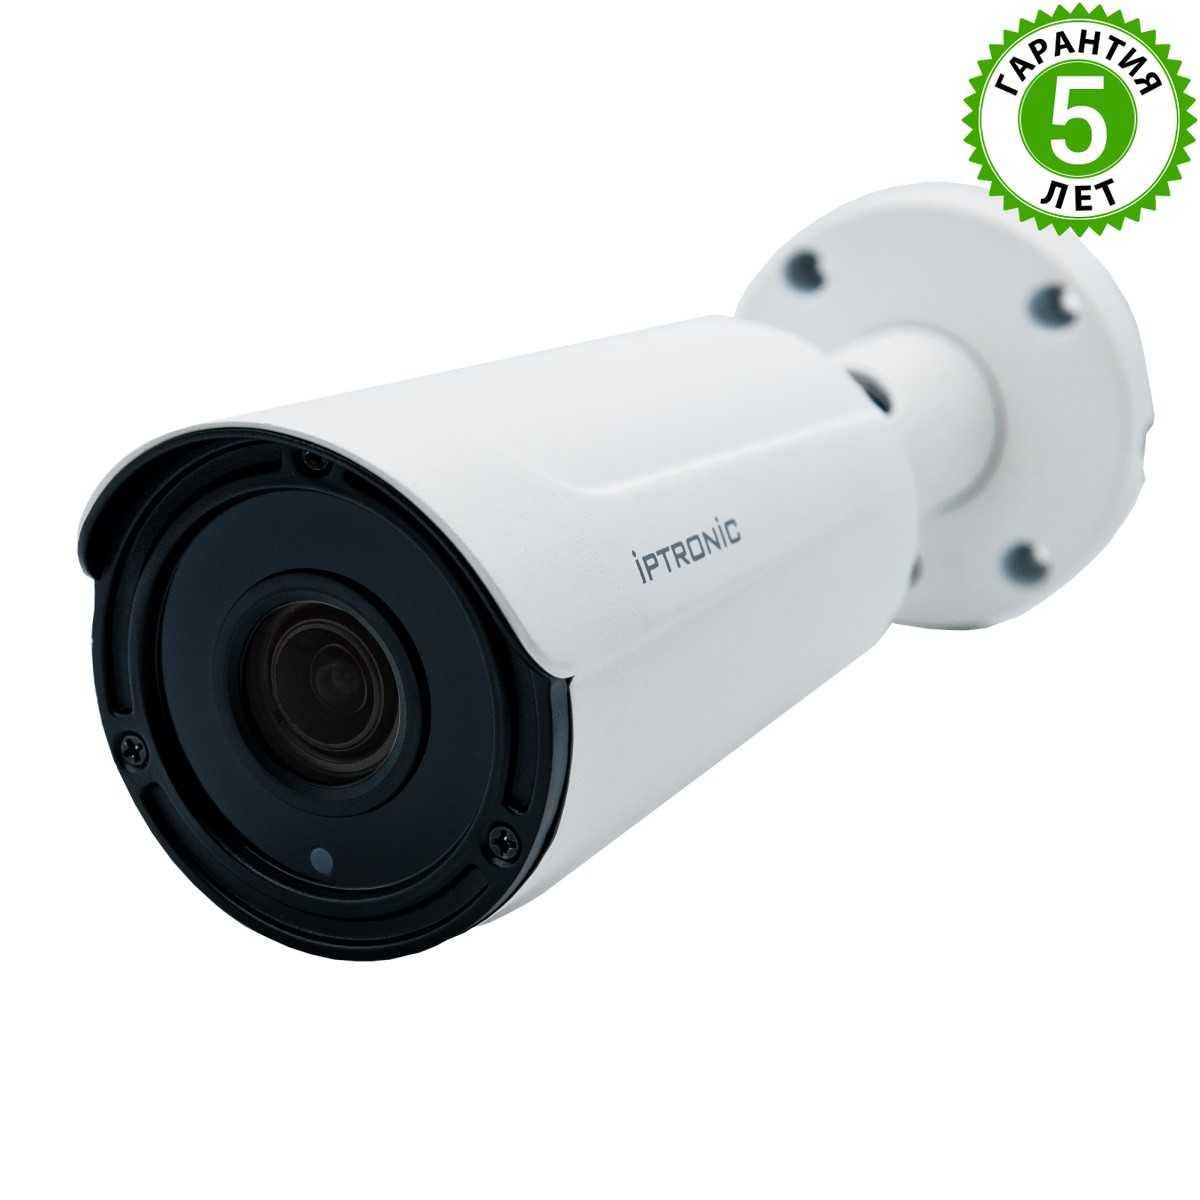 Видеокамера IPTRONIC IPT-IPL1920BMA(2,7-13,5)P